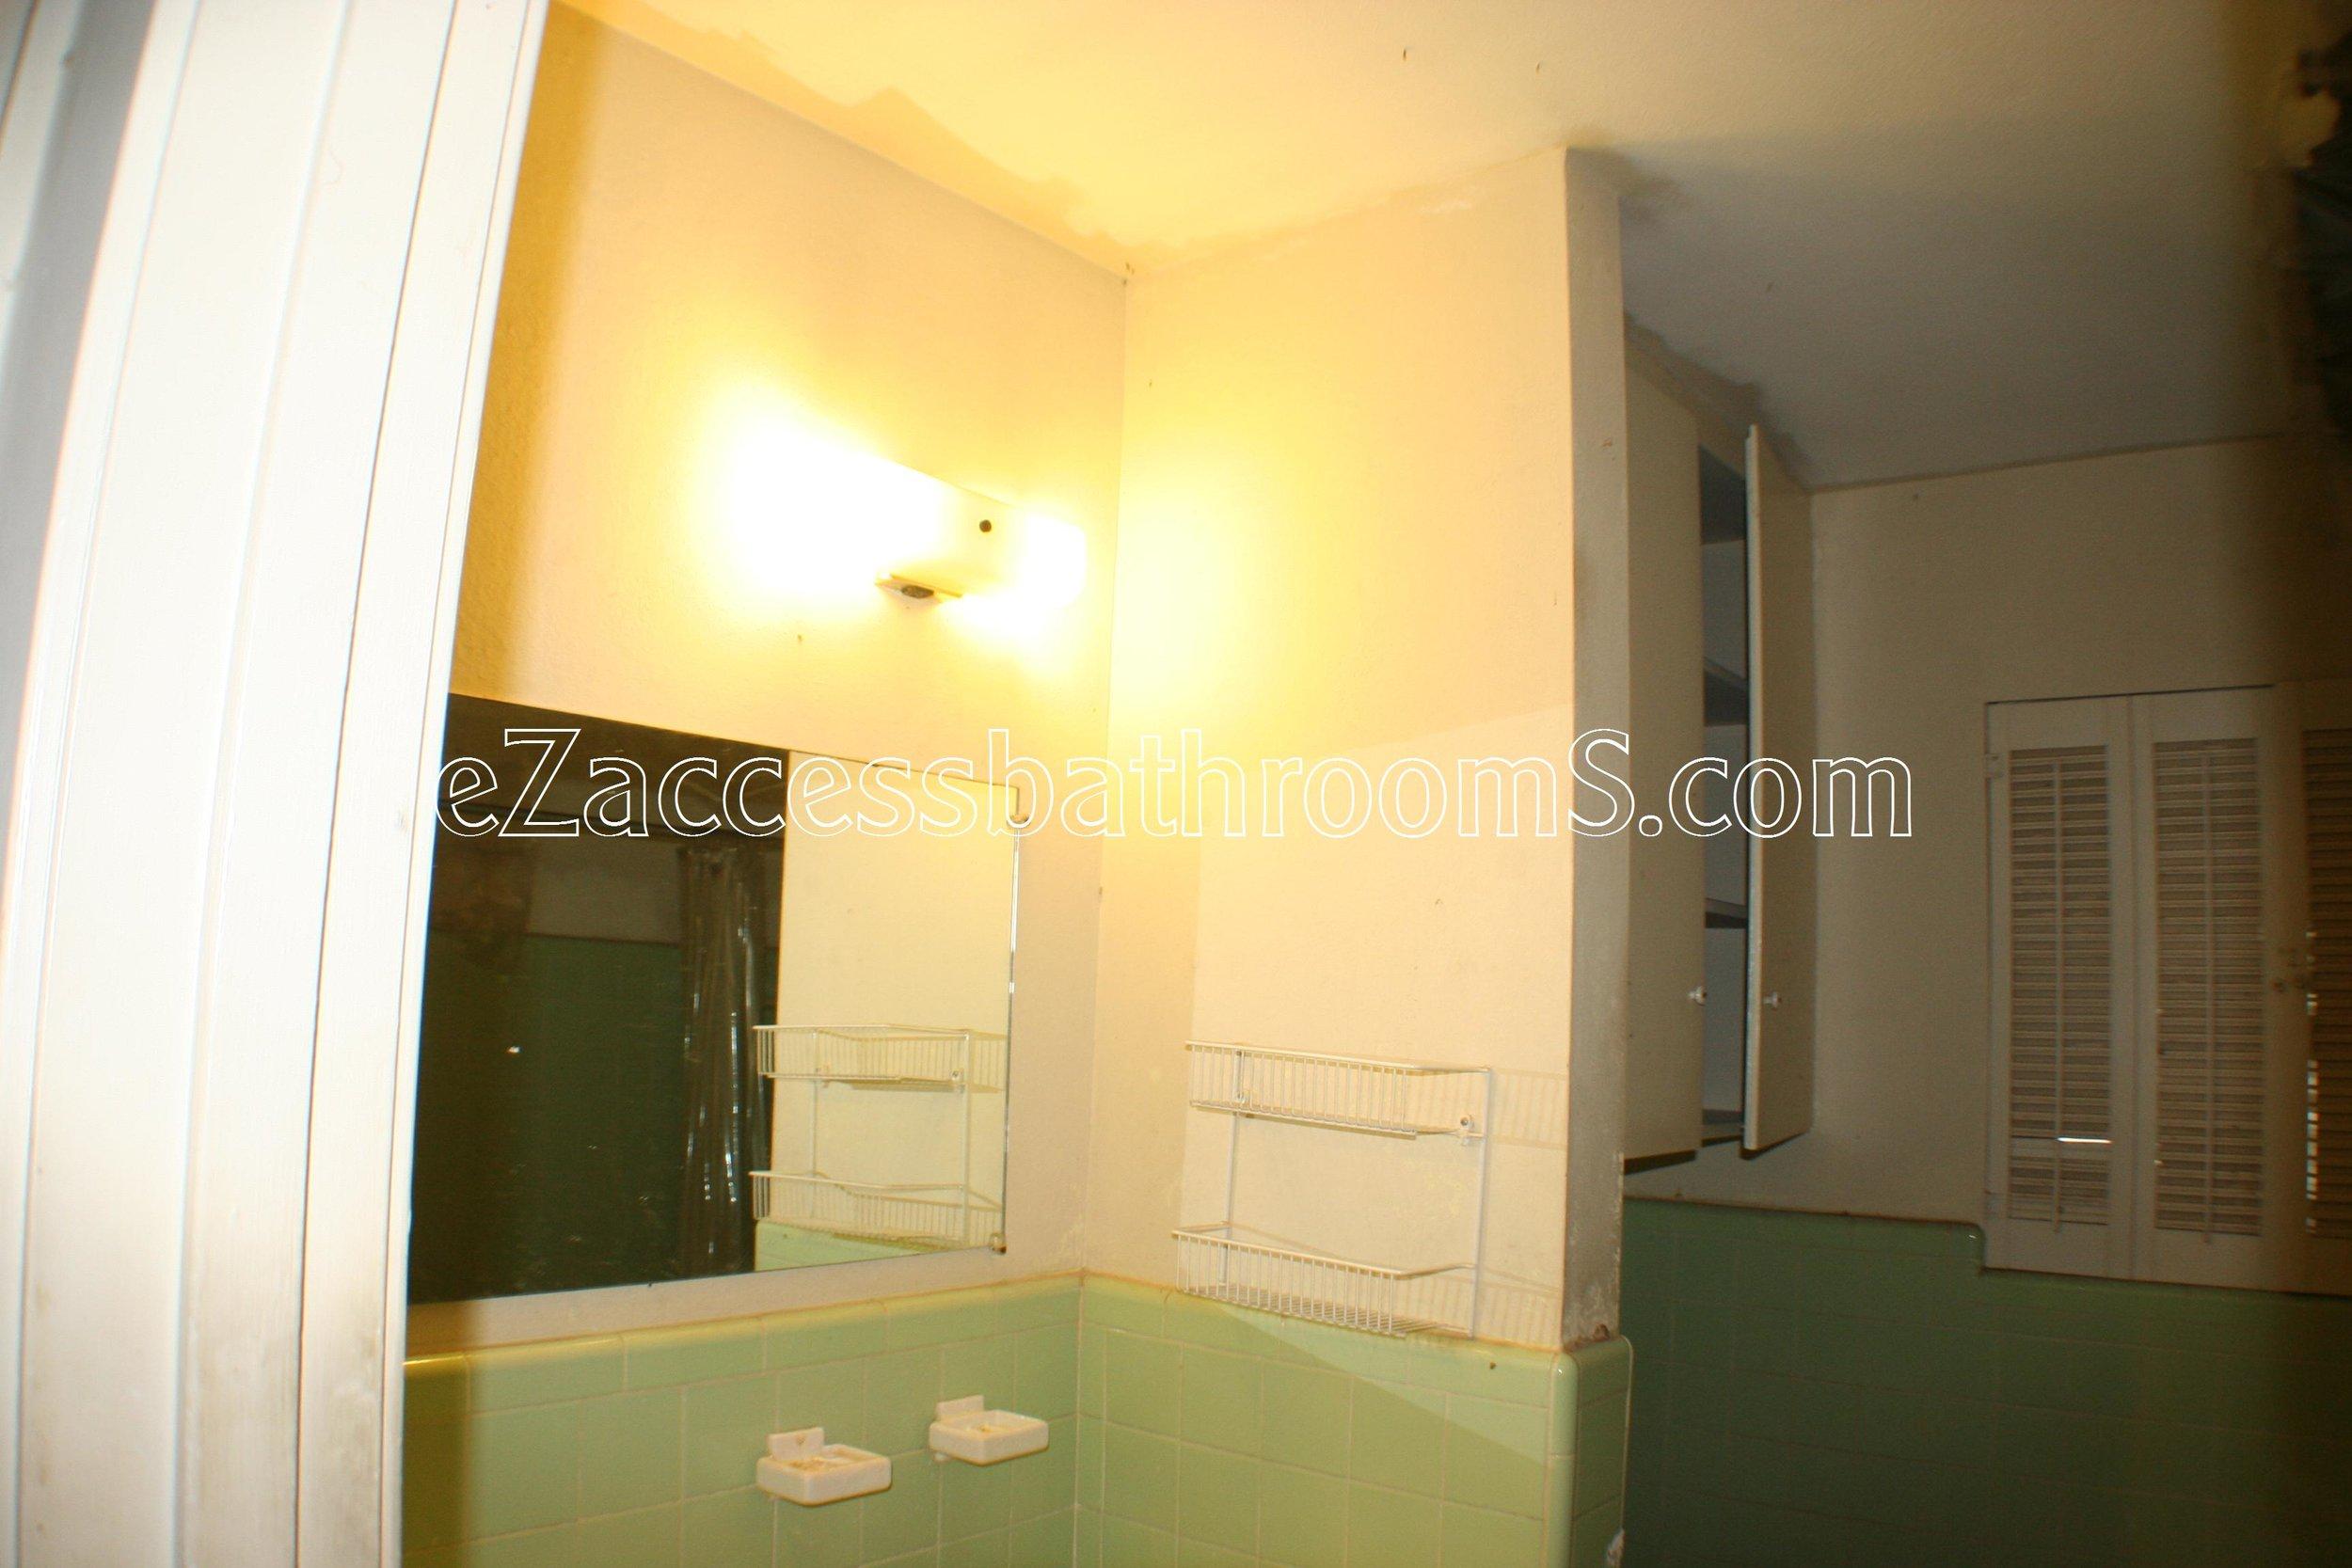 rollin shower ezaccessbathrooms.com 0007.JPG